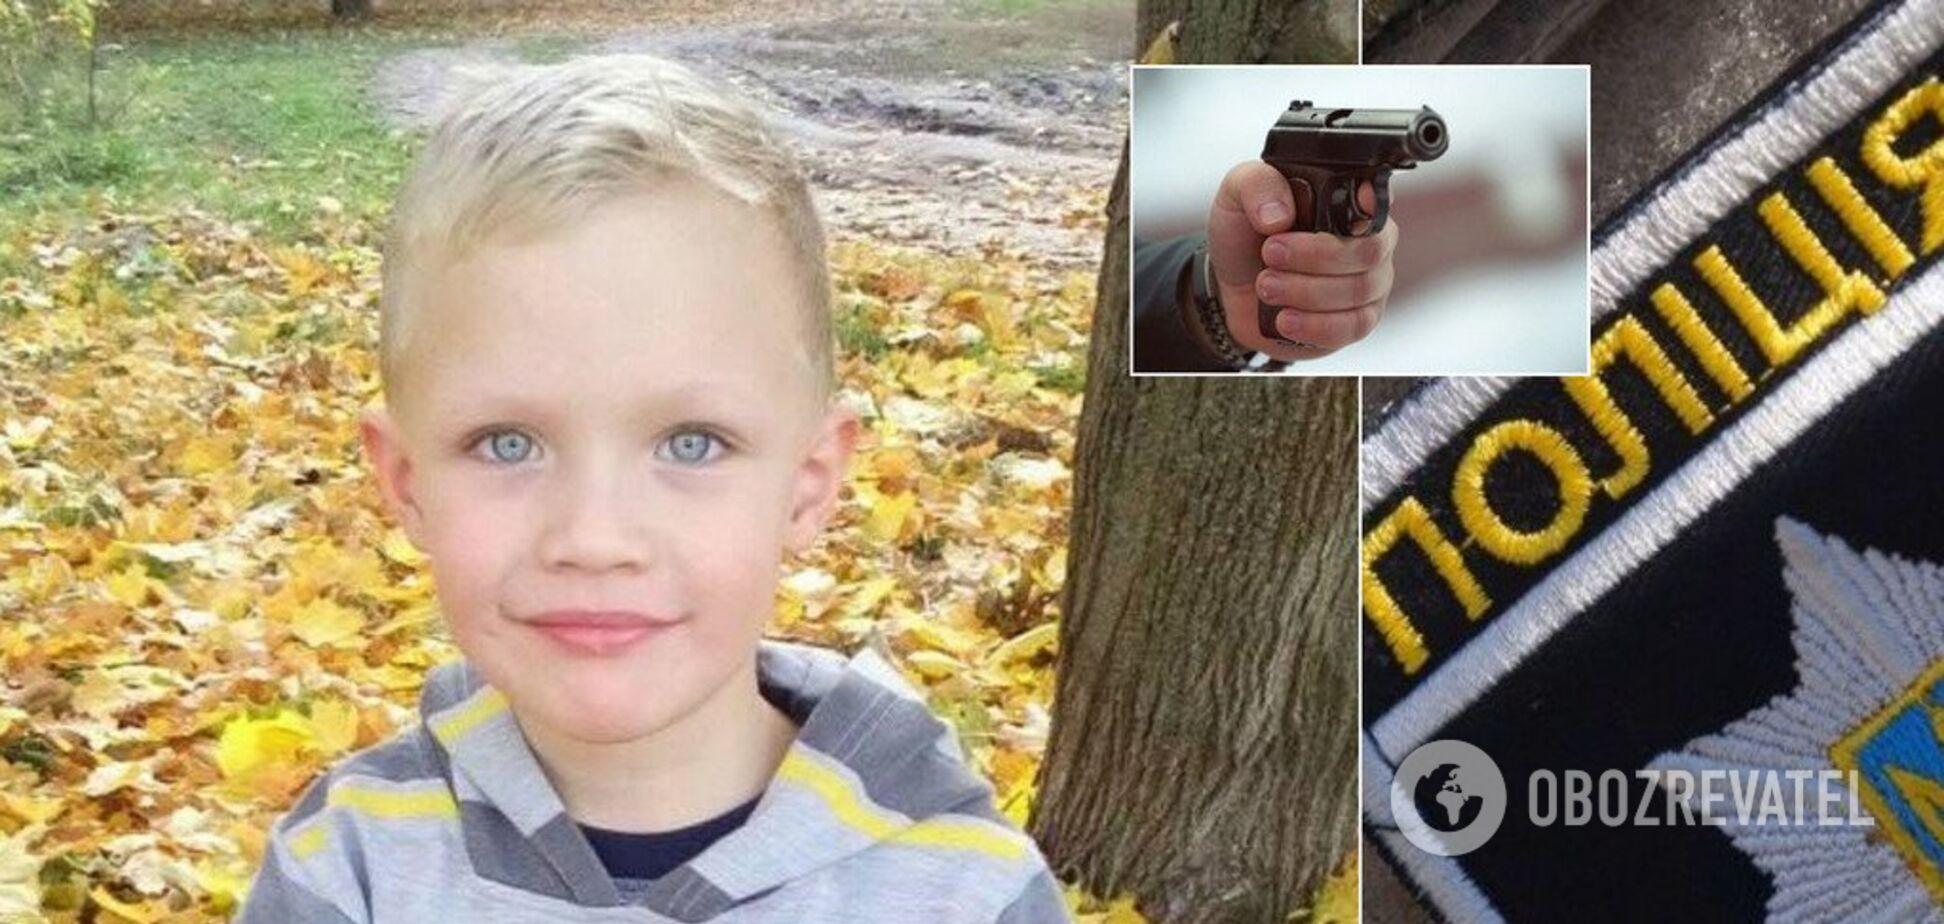 Убийство 5-летнего мальчика: всплыл вопиющий факт о полиции Переяслав-Хмельницкого